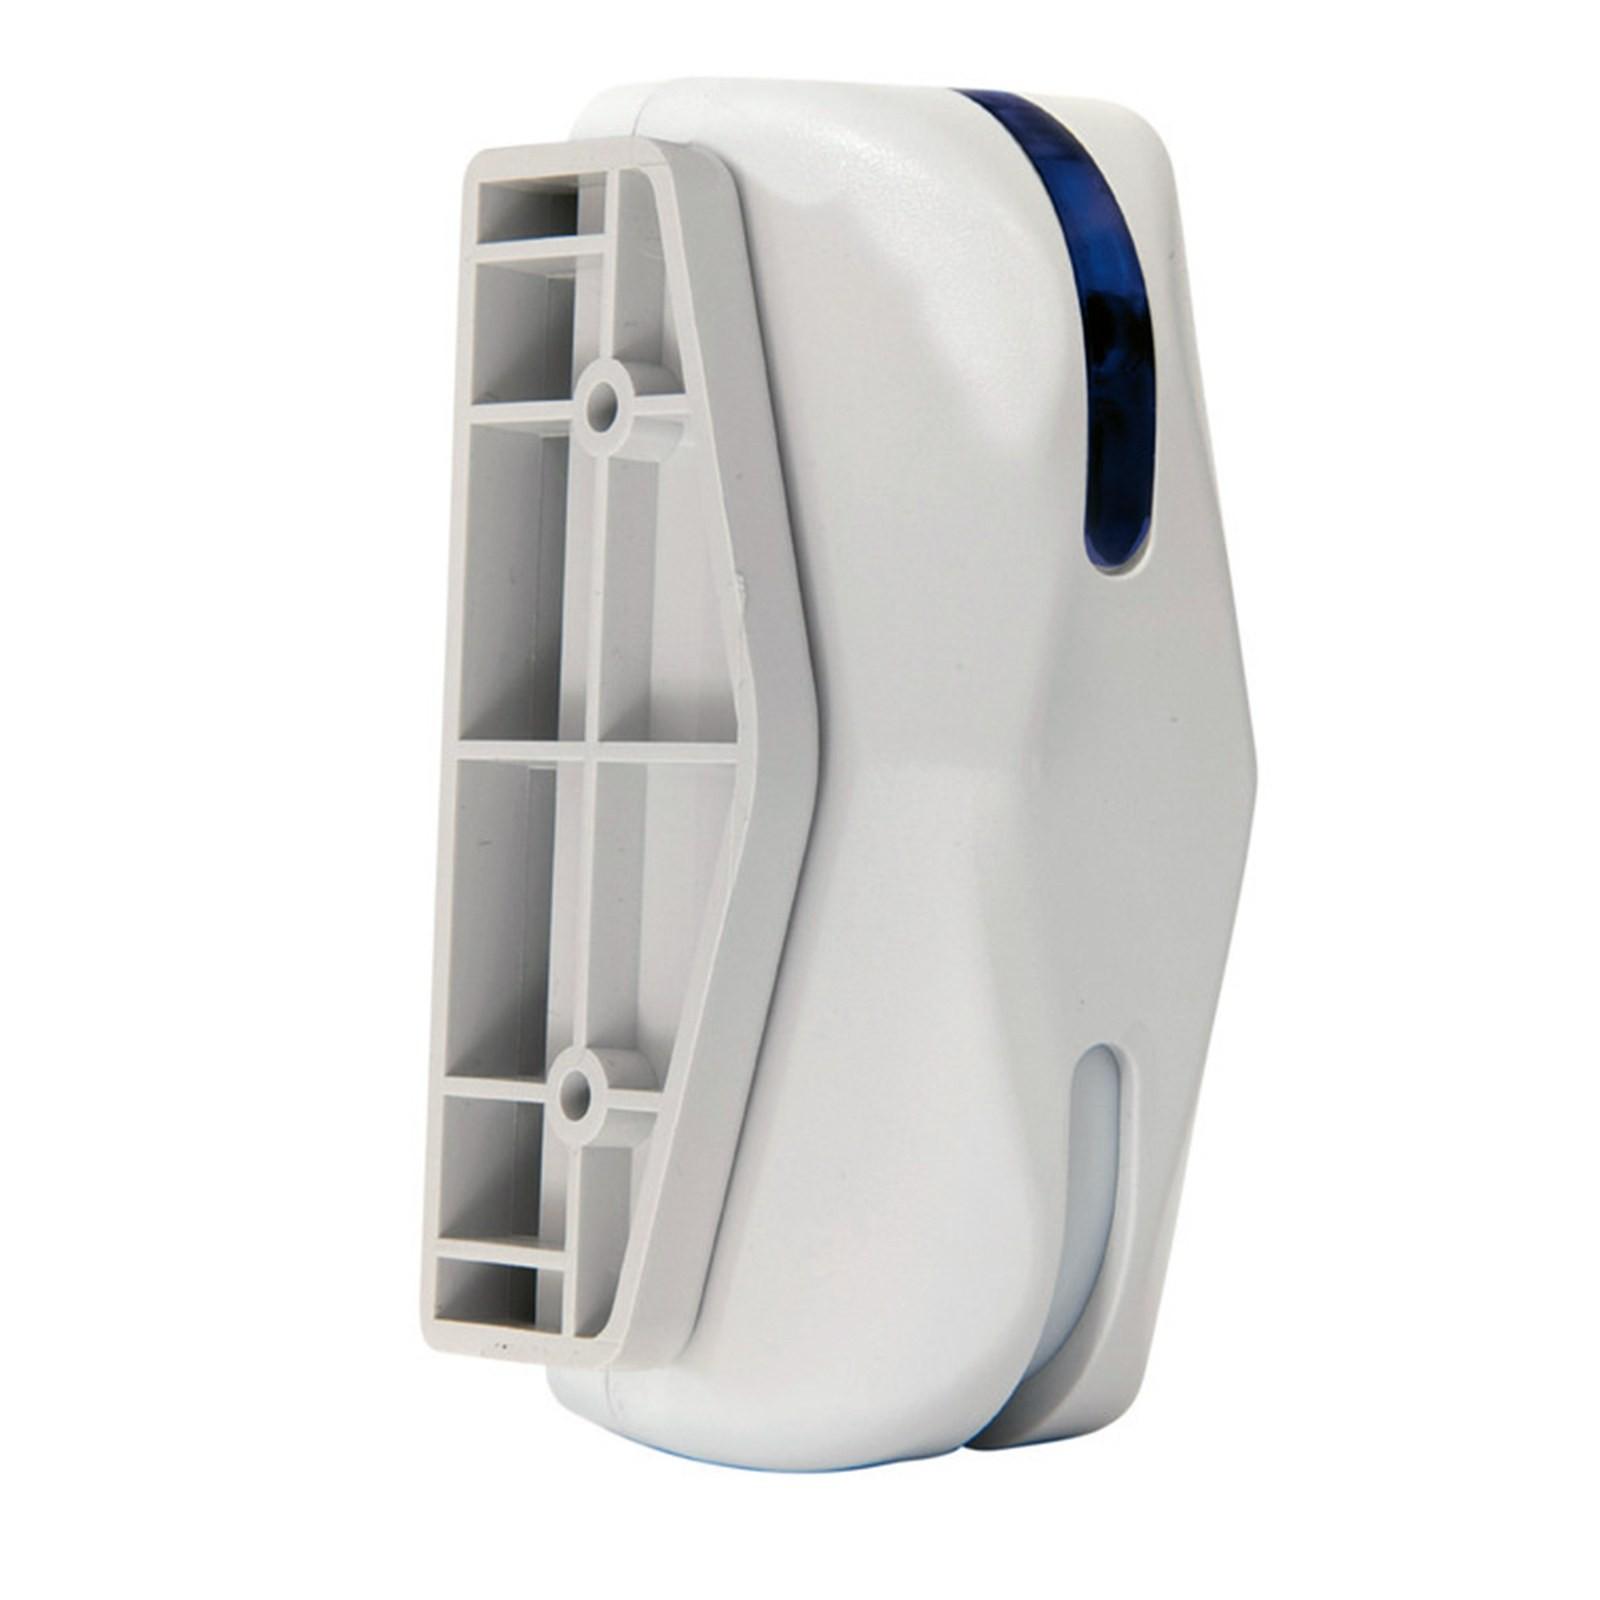 Sensore a tenda finestre per allarme antifurto porte - Antifurto per finestre ...